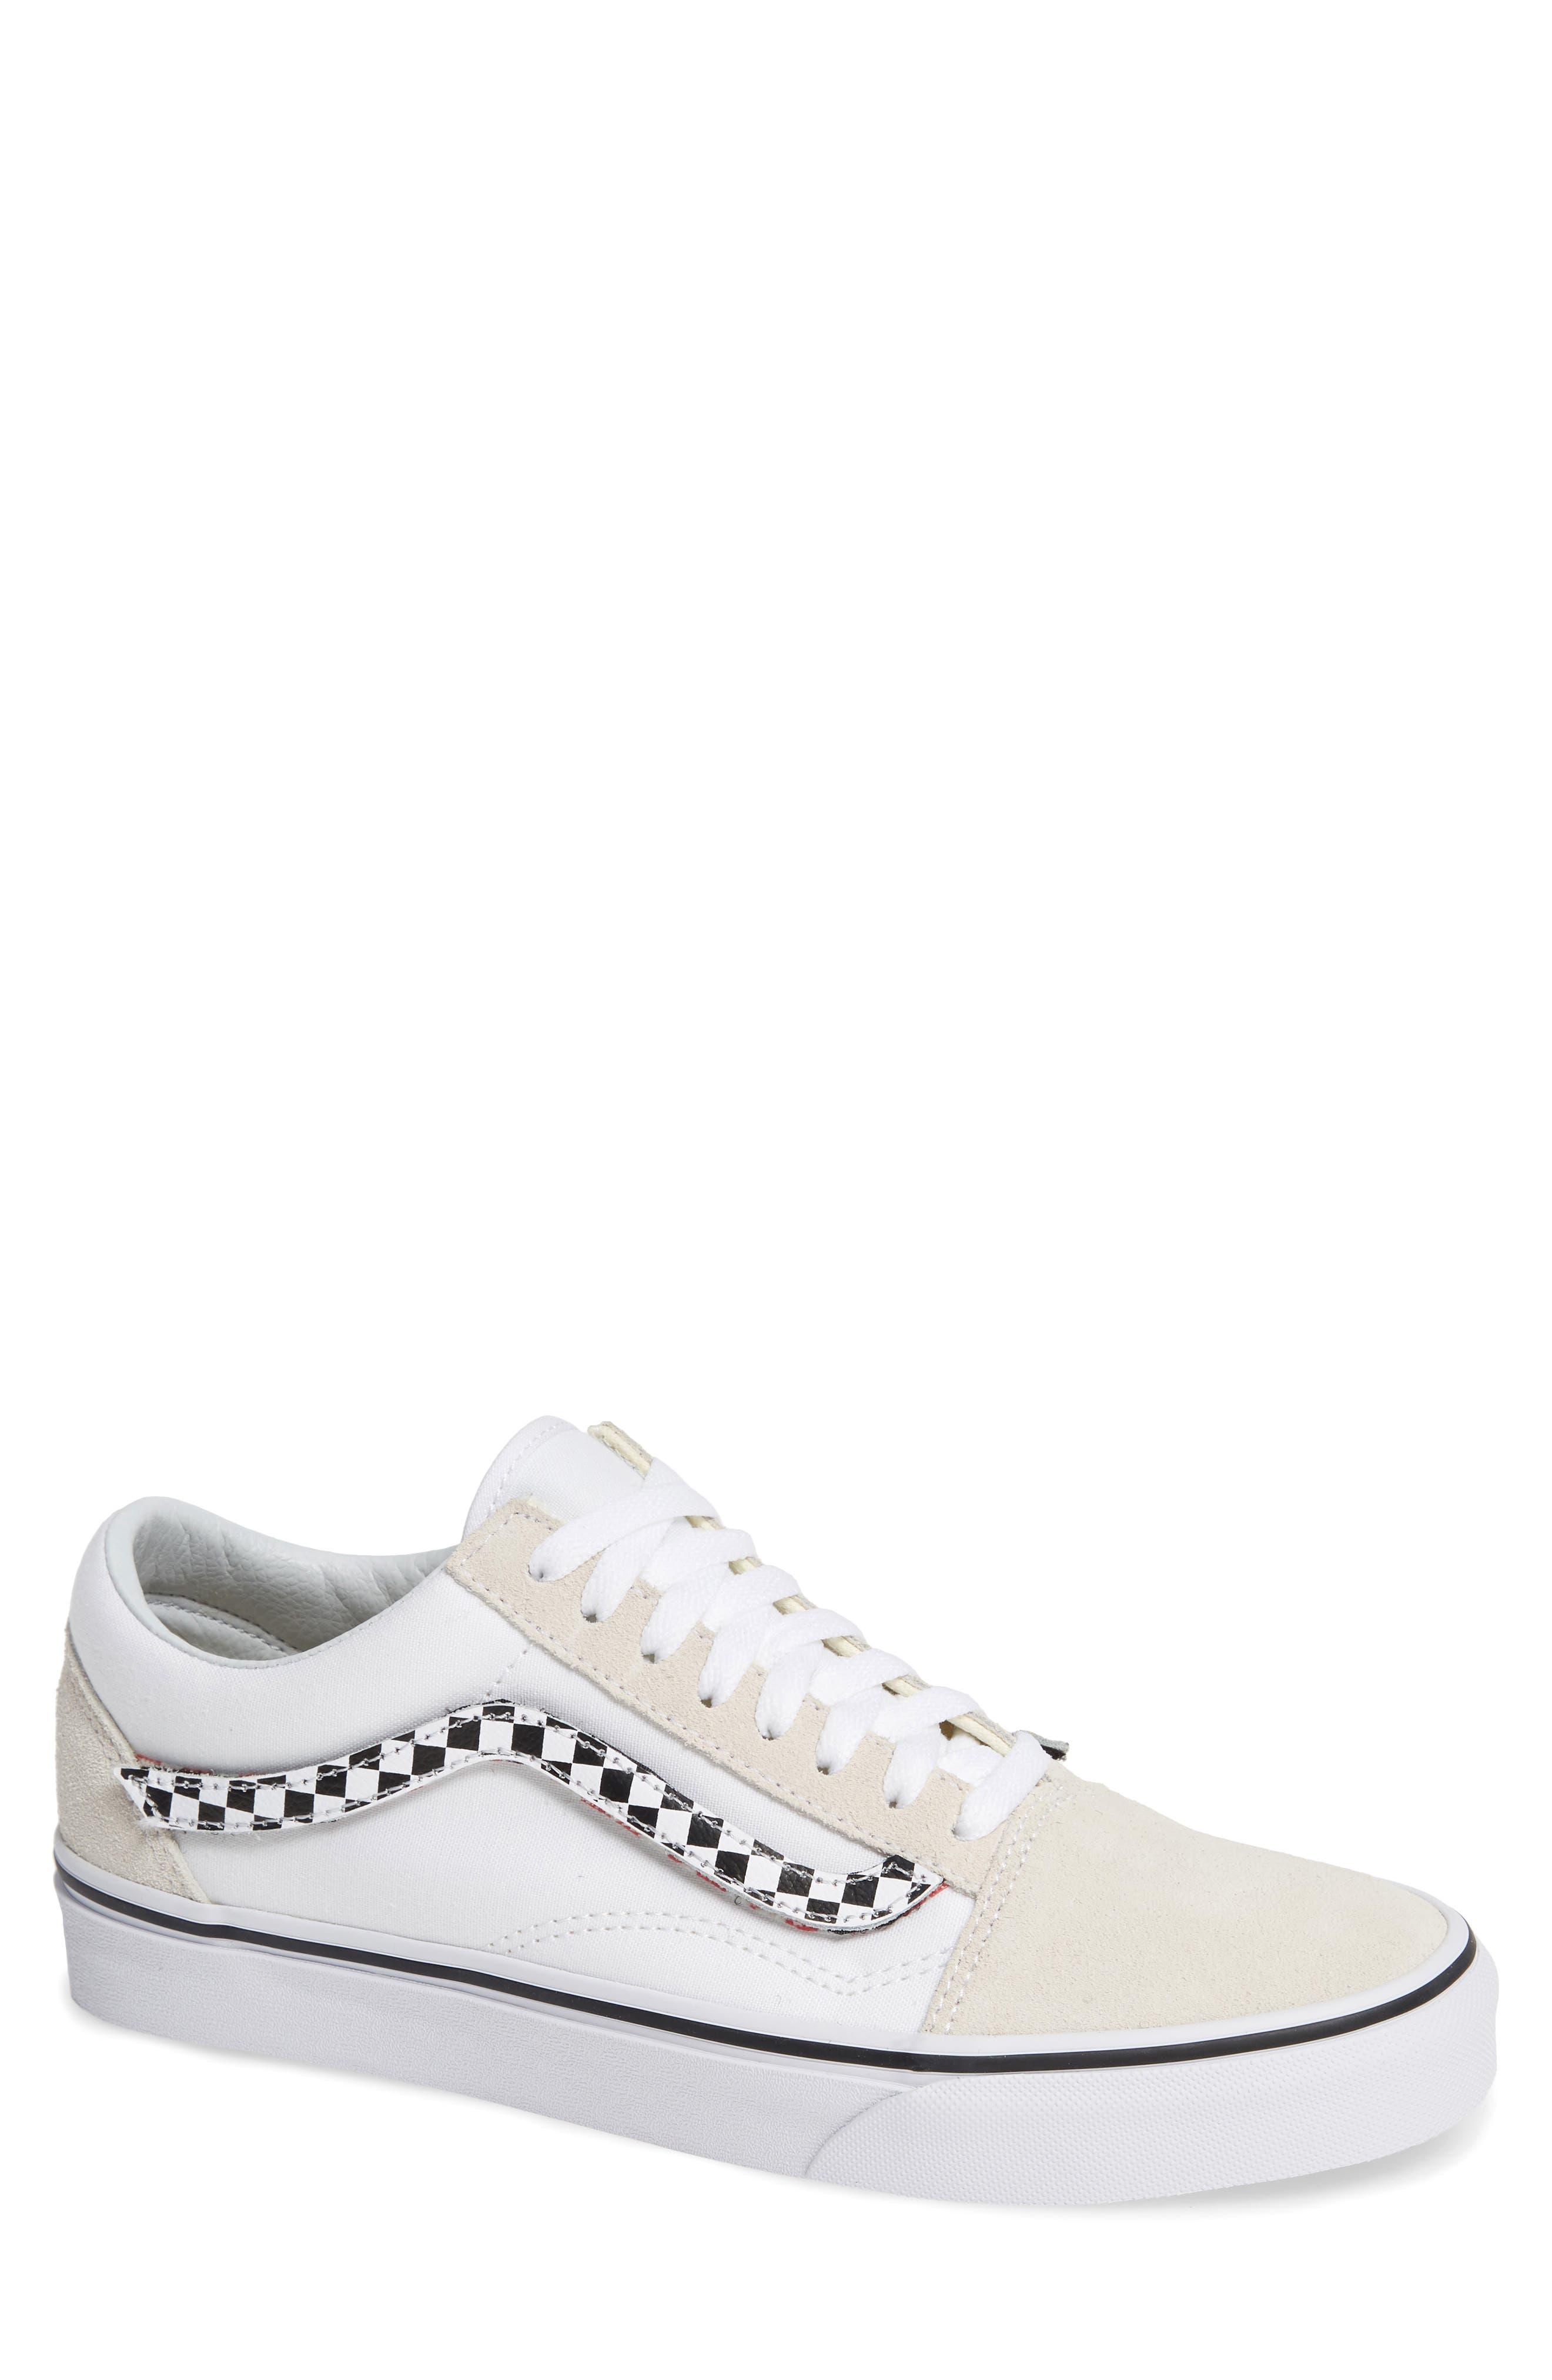 VANS,                             Old Skool Sneaker,                             Main thumbnail 1, color,                             TRUE WHITE/ TRUE WHITE